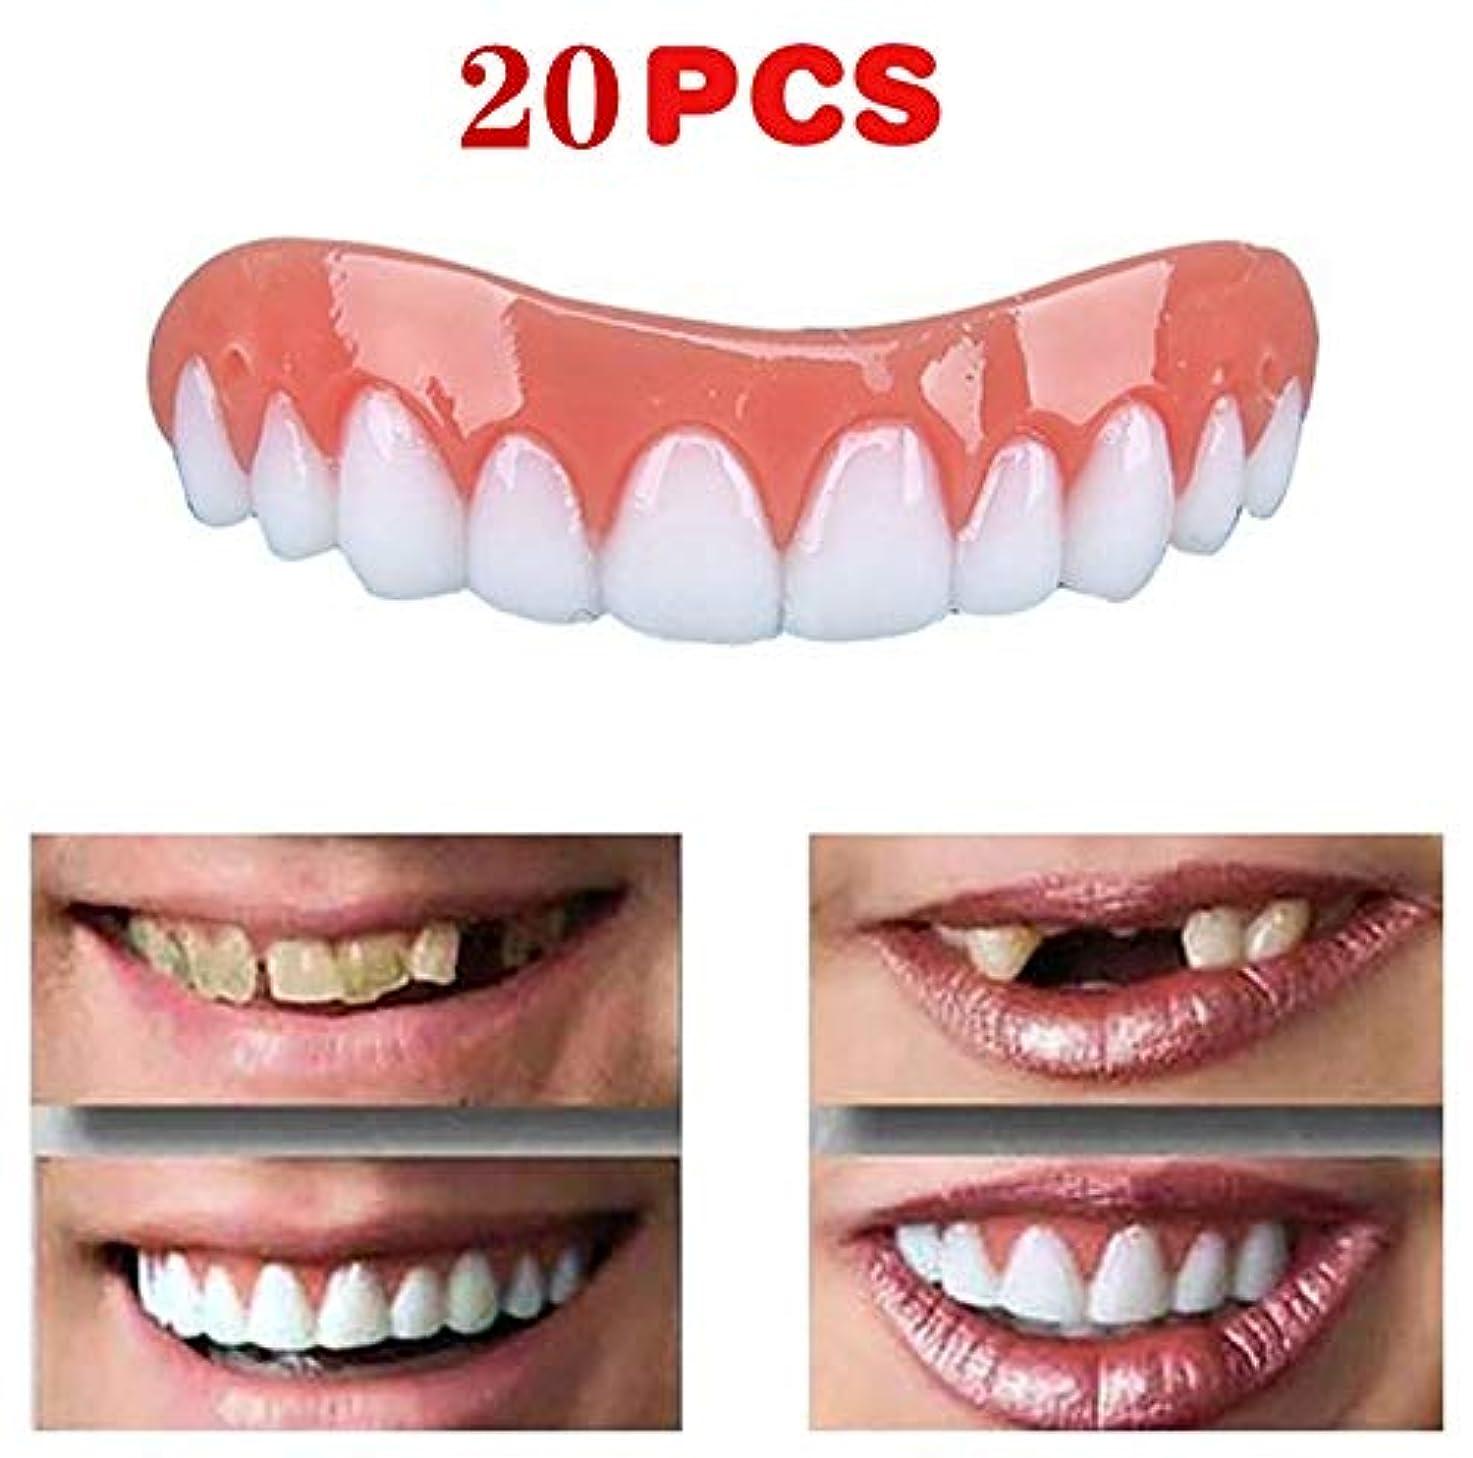 新しい再利用可能な大人のスナップオンパーフェクトスマイルホワイトニング義歯フィットフレックス化粧品歯快適なベニアカバーデンタルケアアクセサリー